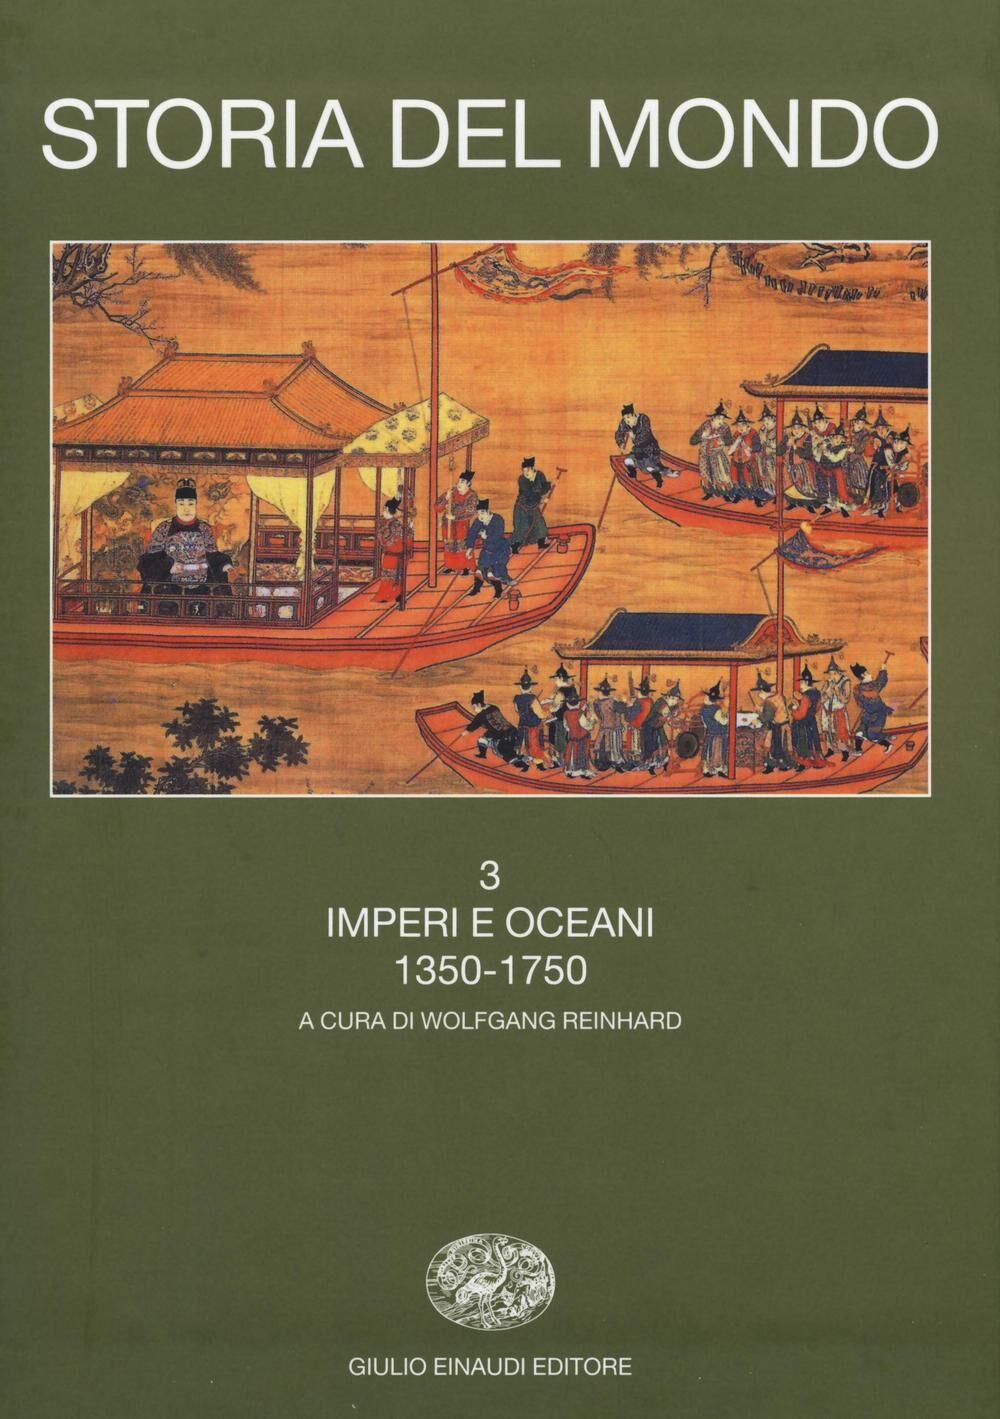 Storia del mondo. Vol. 3: Imperi e oceani (1350-1750).